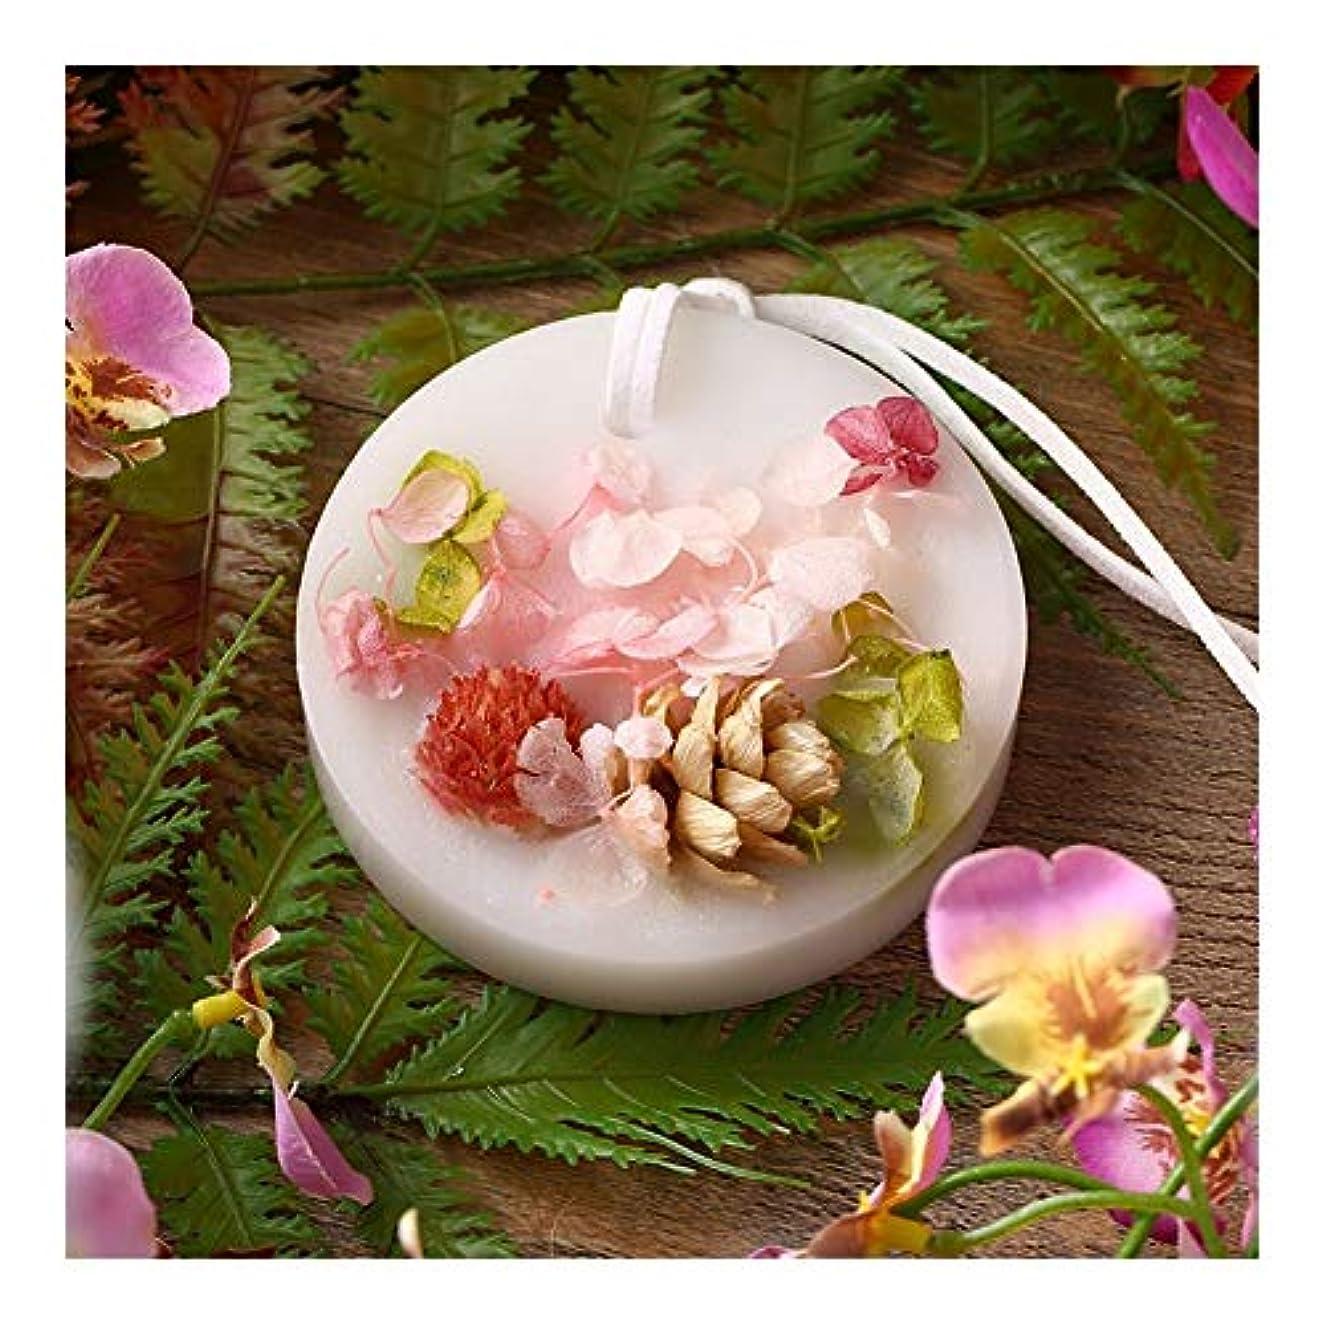 Guomao ドライフラワー香料入りワックスタブレットワードローブ引き出しお香ワックス、香料入りキャンドル